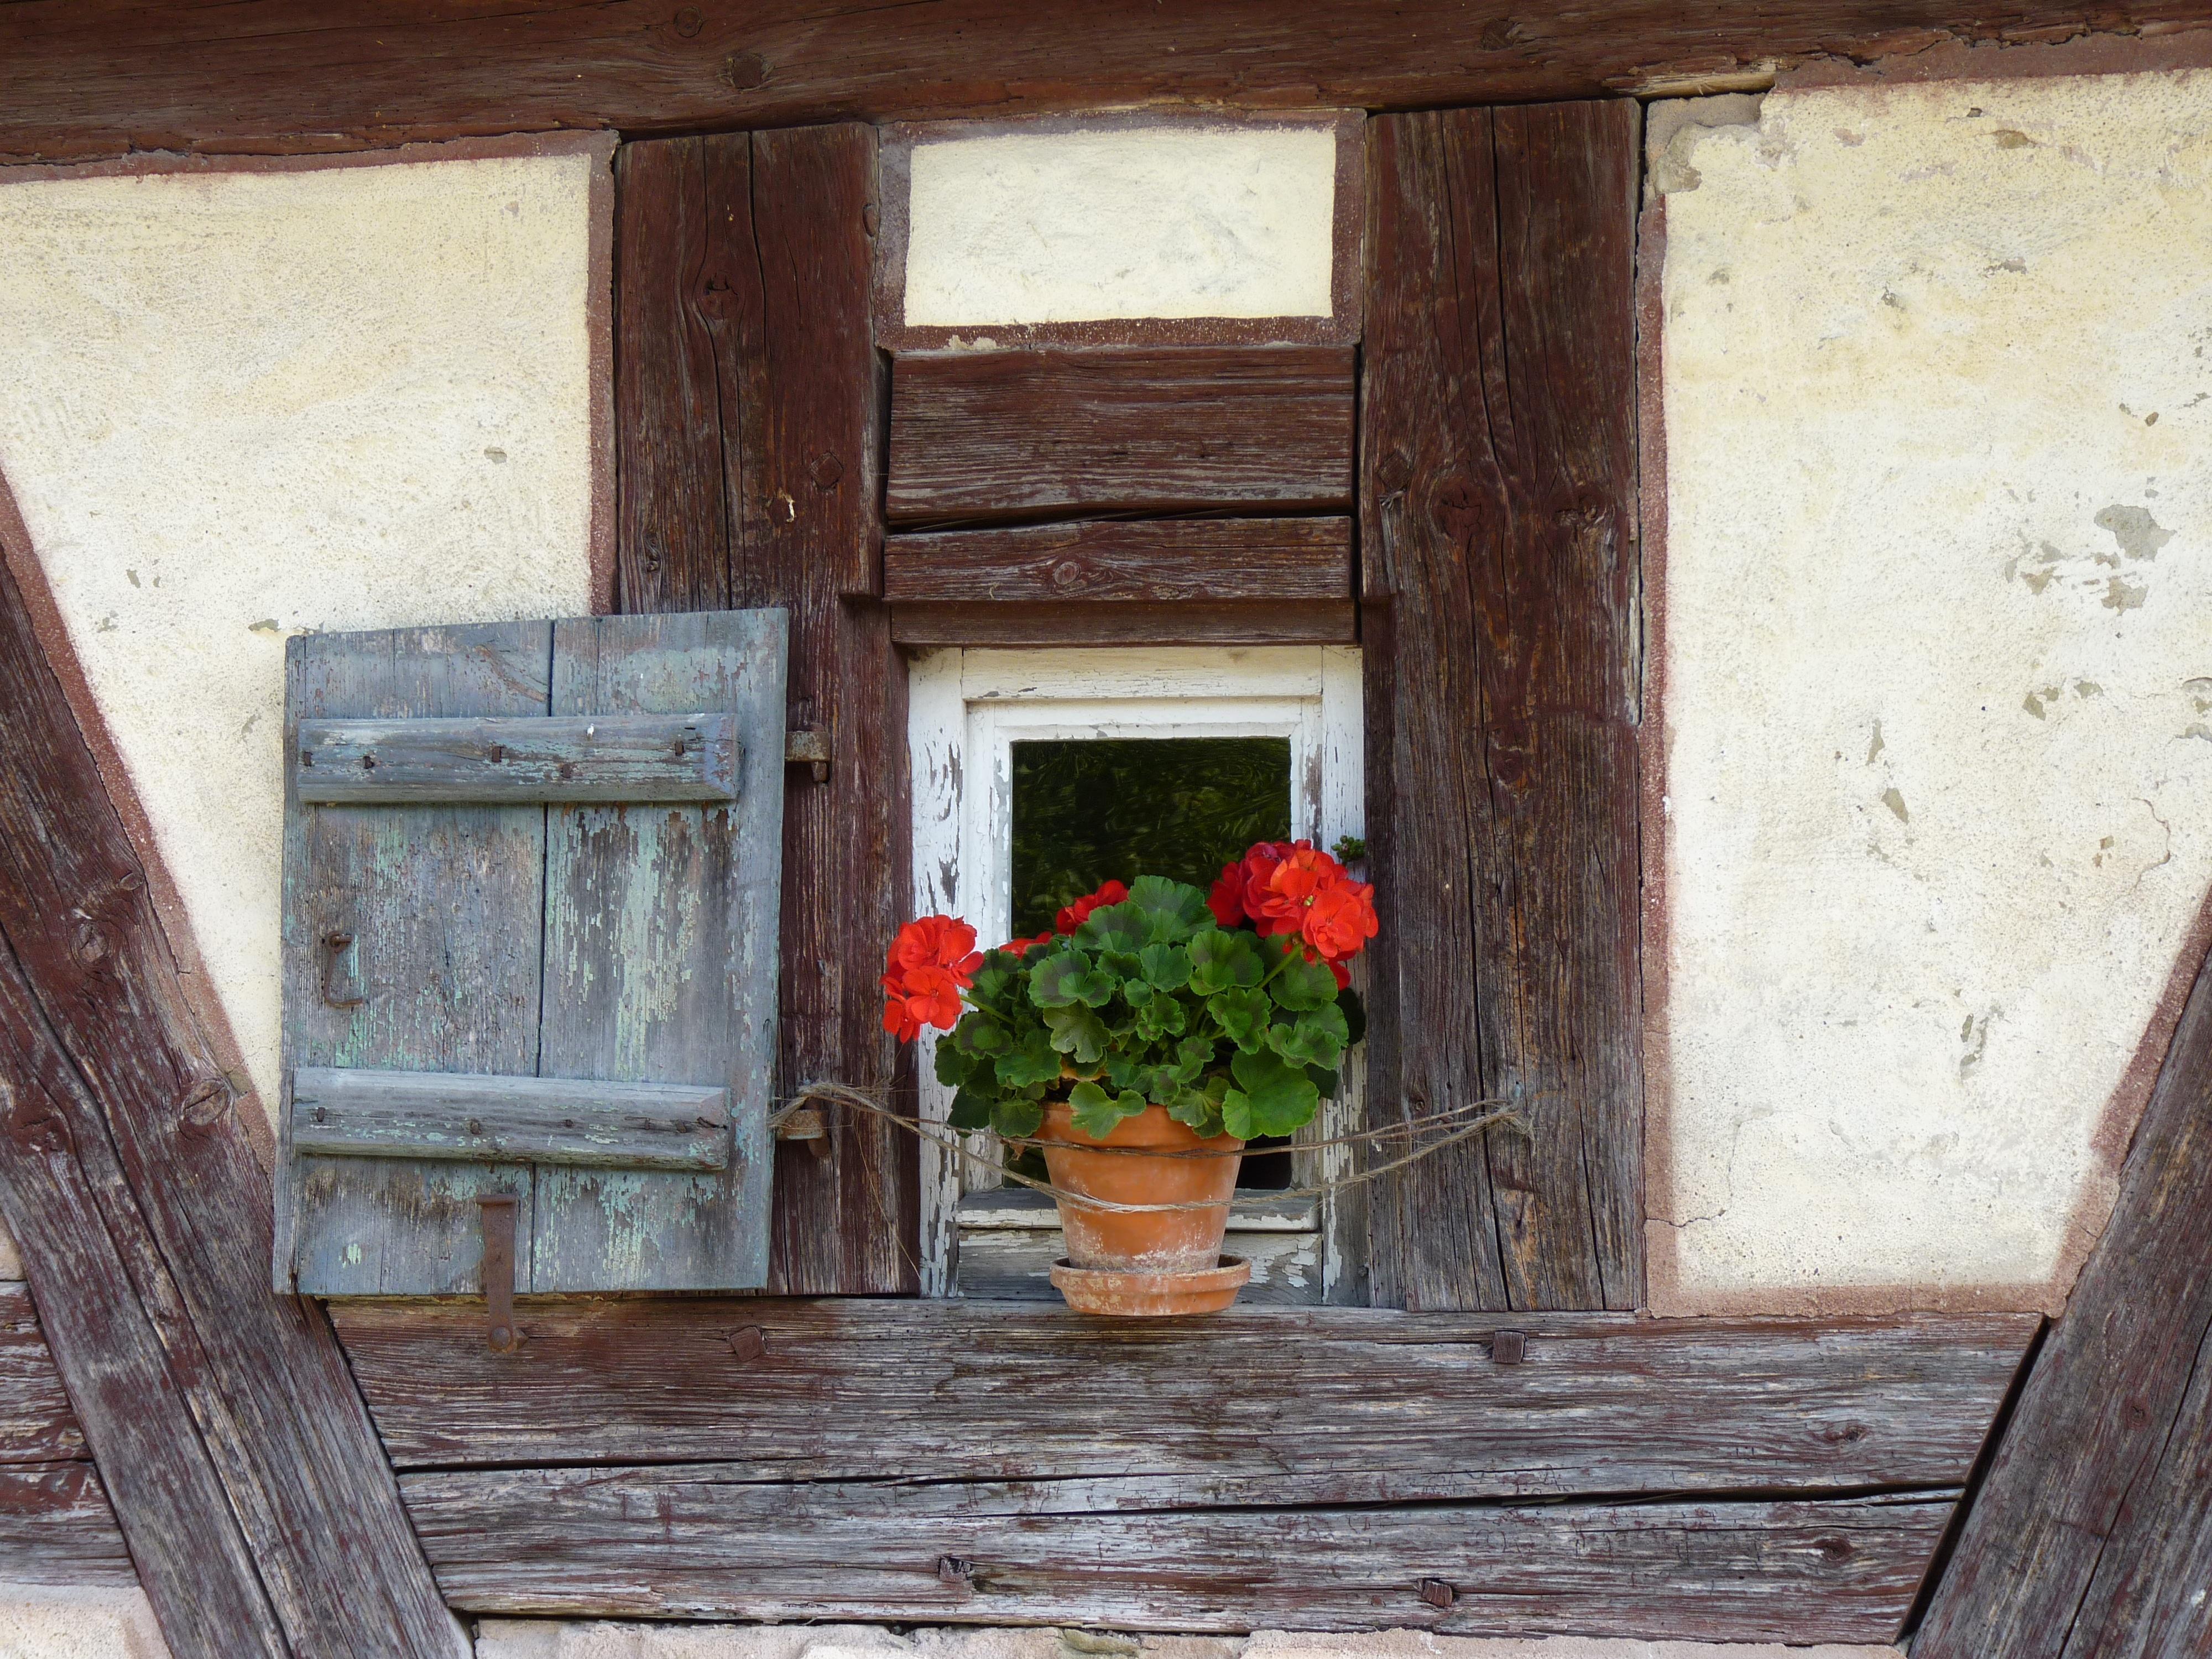 Fotos gratis : arquitectura, casa, flor, ventana, granero, pared ...